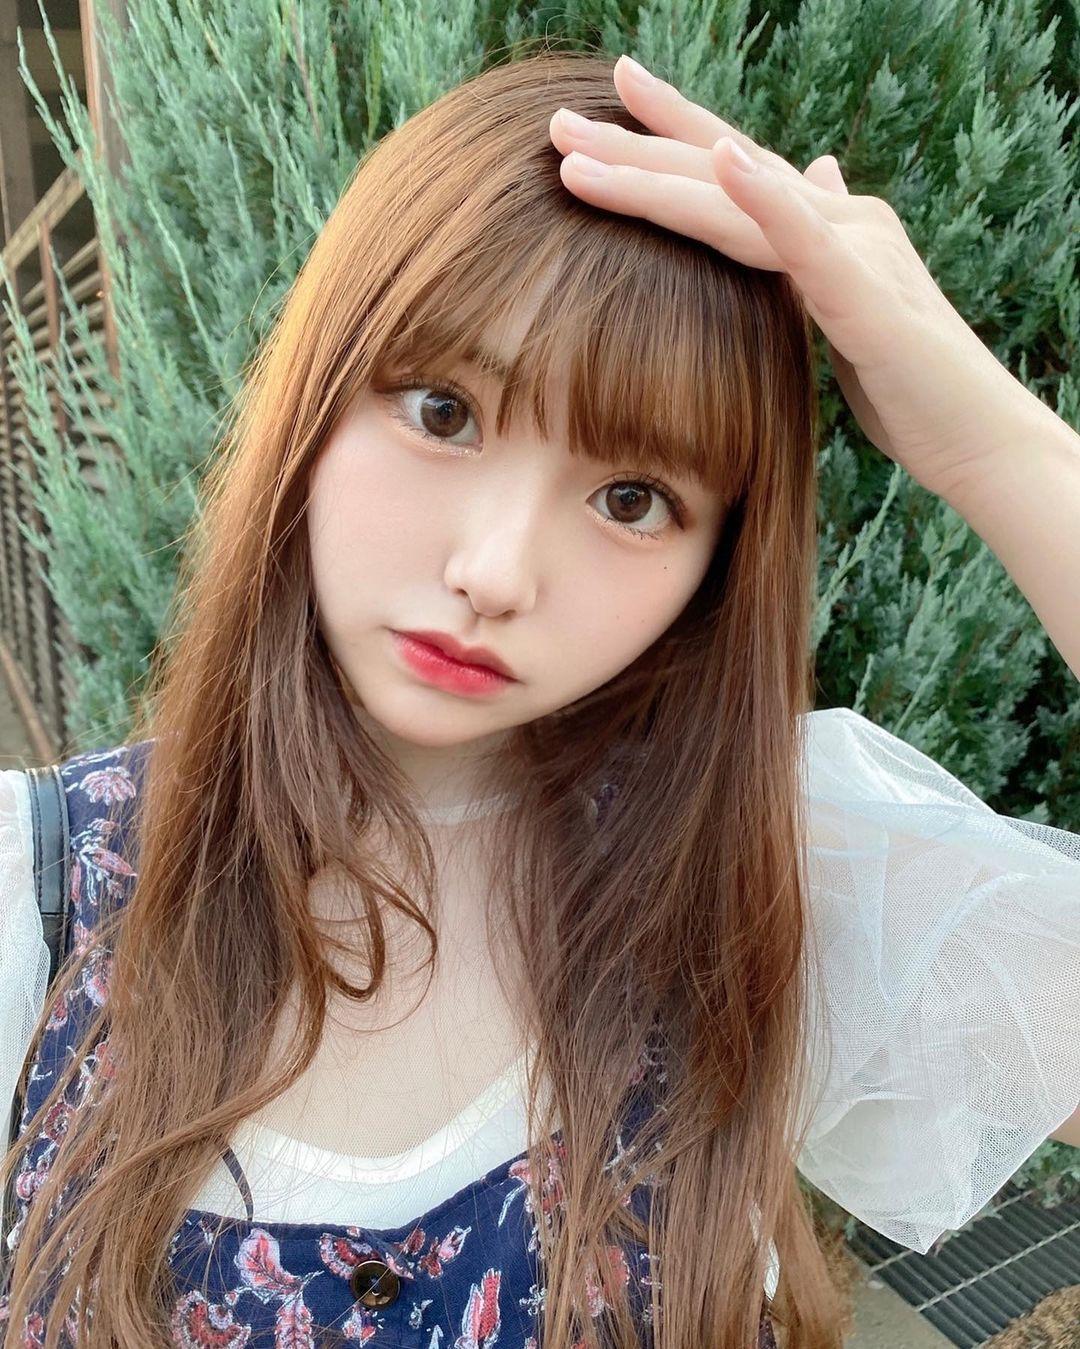 2000年出生 20岁甜美樱花妹五城せのん个子娇小却有曲线 美女动图 第9张